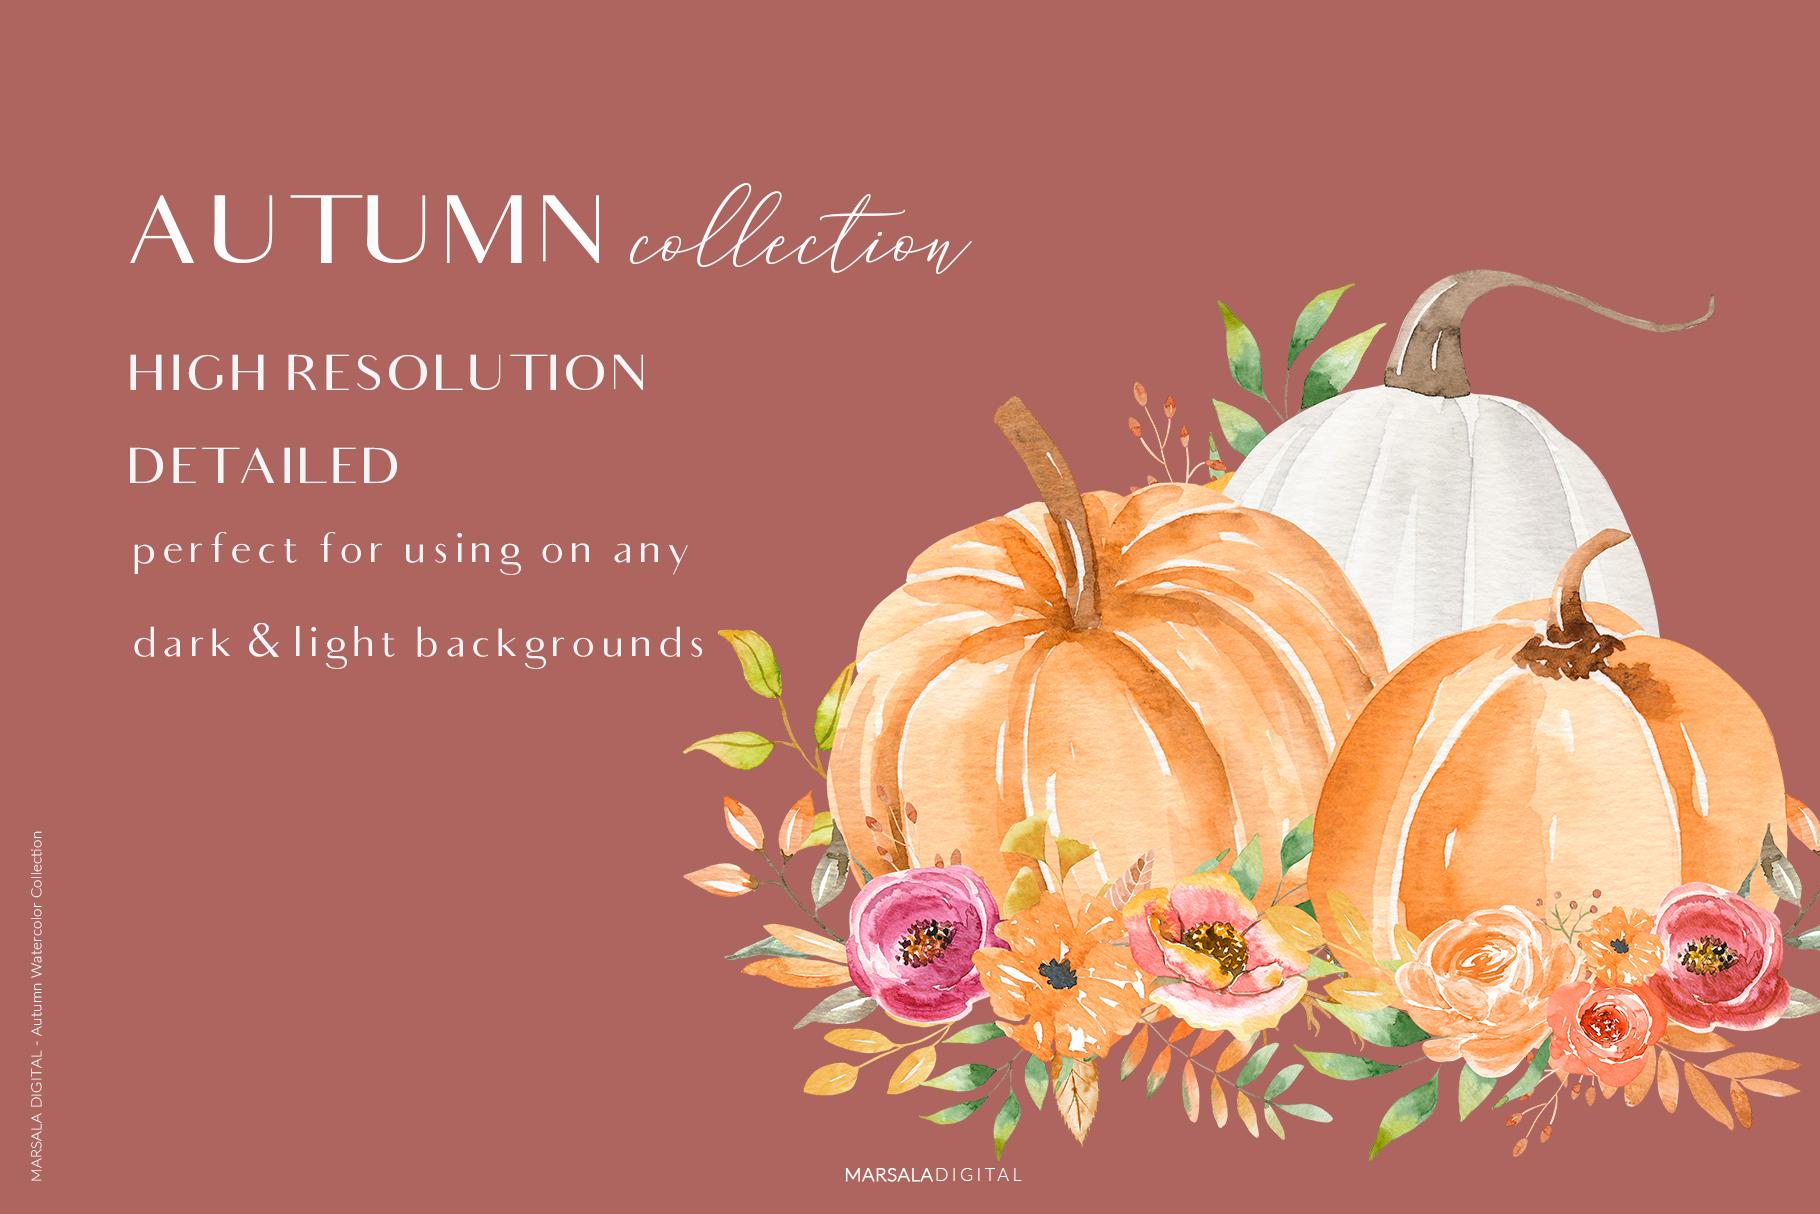 Autumn Watercolor Collection Pumpkins Arrangements example image 11